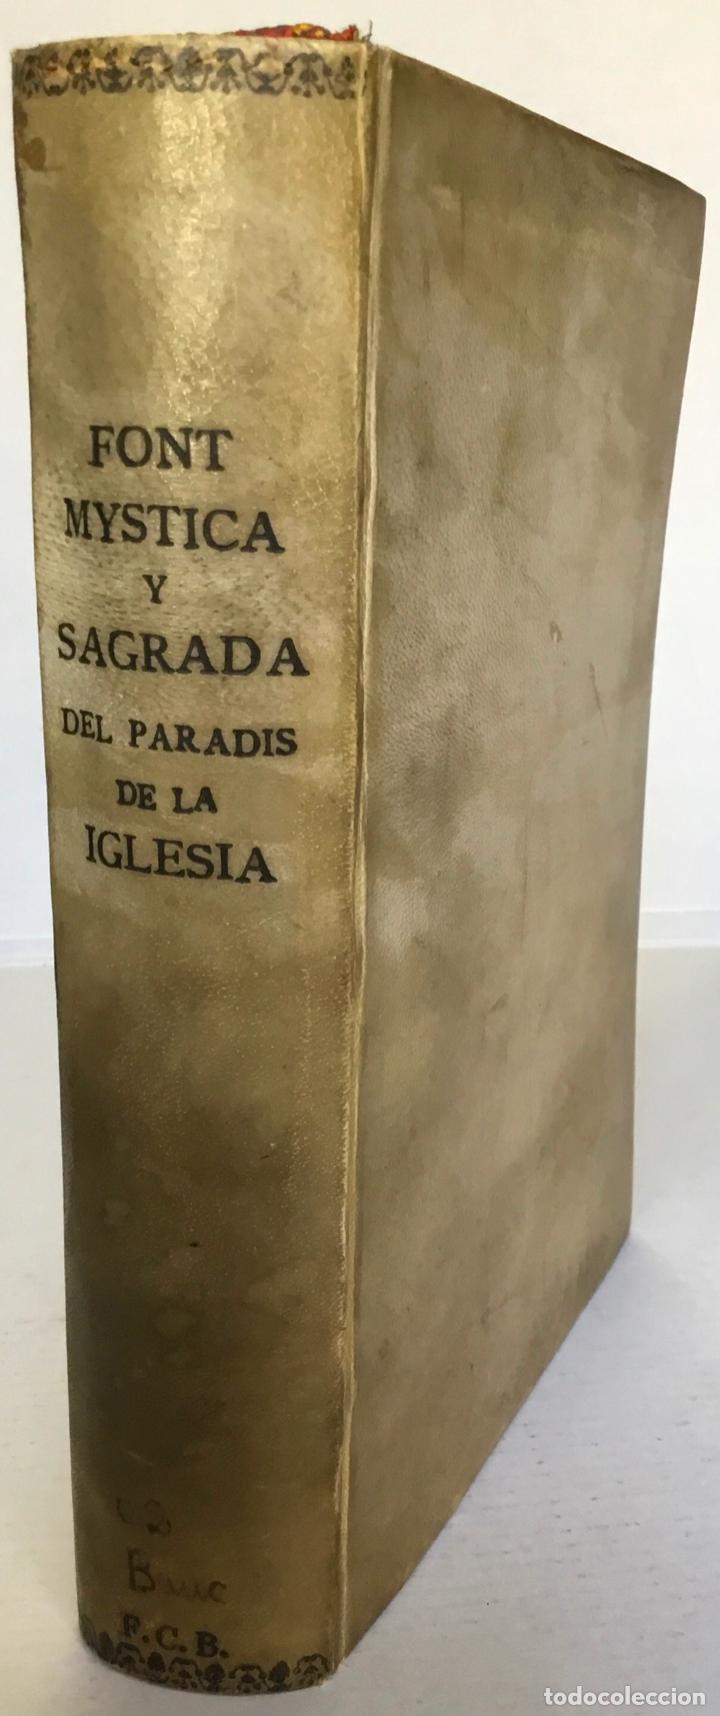 FONT MYSTICA, Y SAGRADA, DEL PARADIS DE LA IGLESIA, DIVIDIDA EN QUATRE PARTS: EN QUE SE EXPLICA... (Libros Antiguos, Raros y Curiosos - Religión)